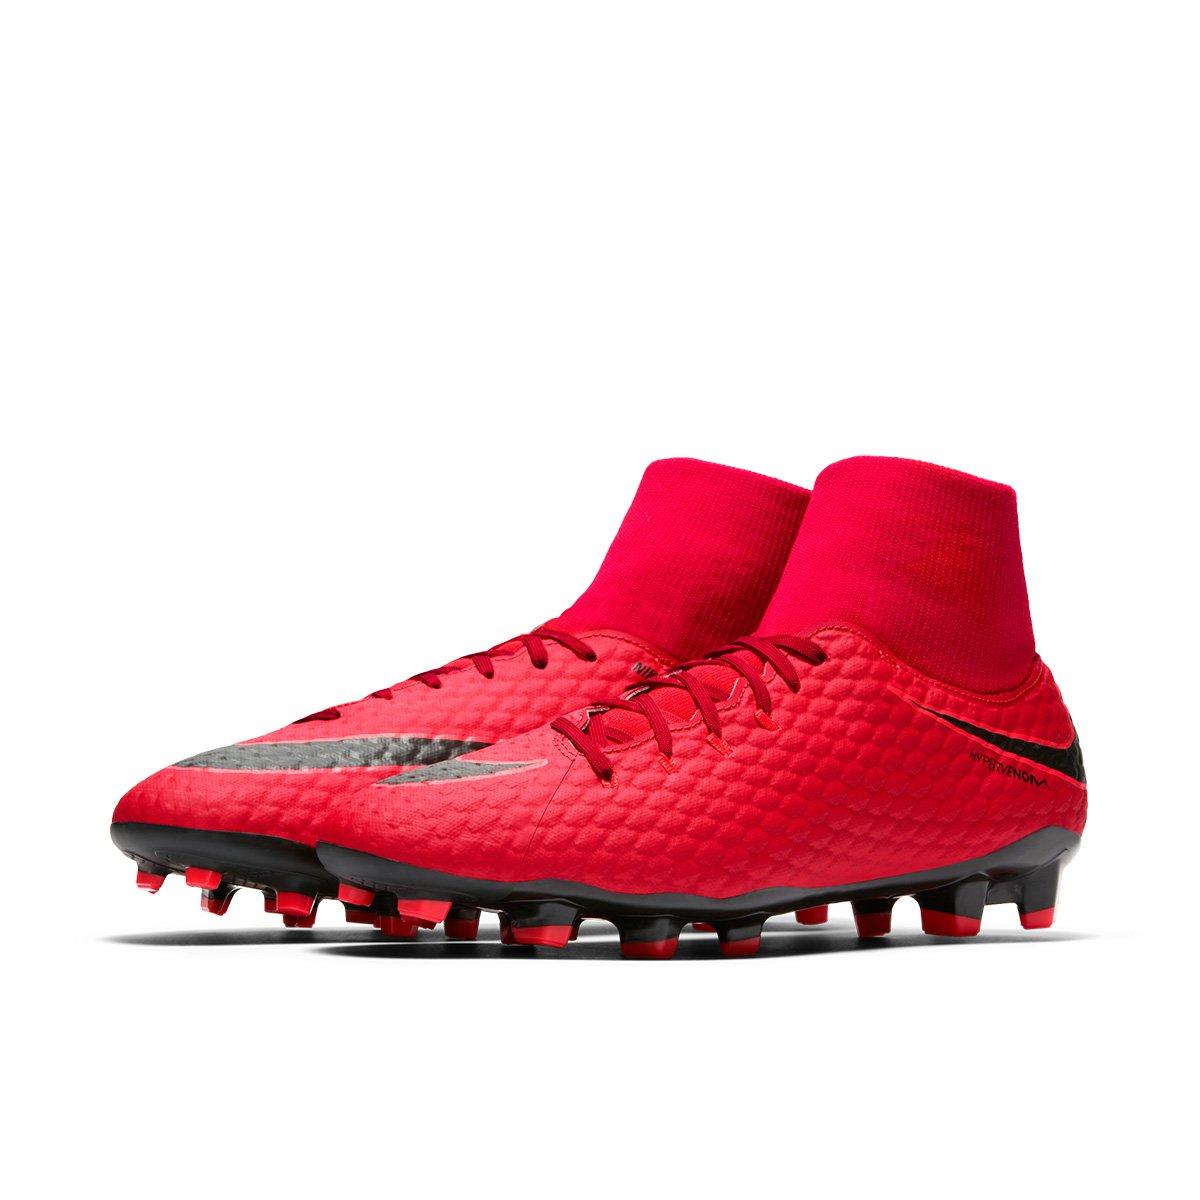 37ad80cf53 Chuteira Campo Nike Hypervenom Phelon 3 DF FG - Compre Agora